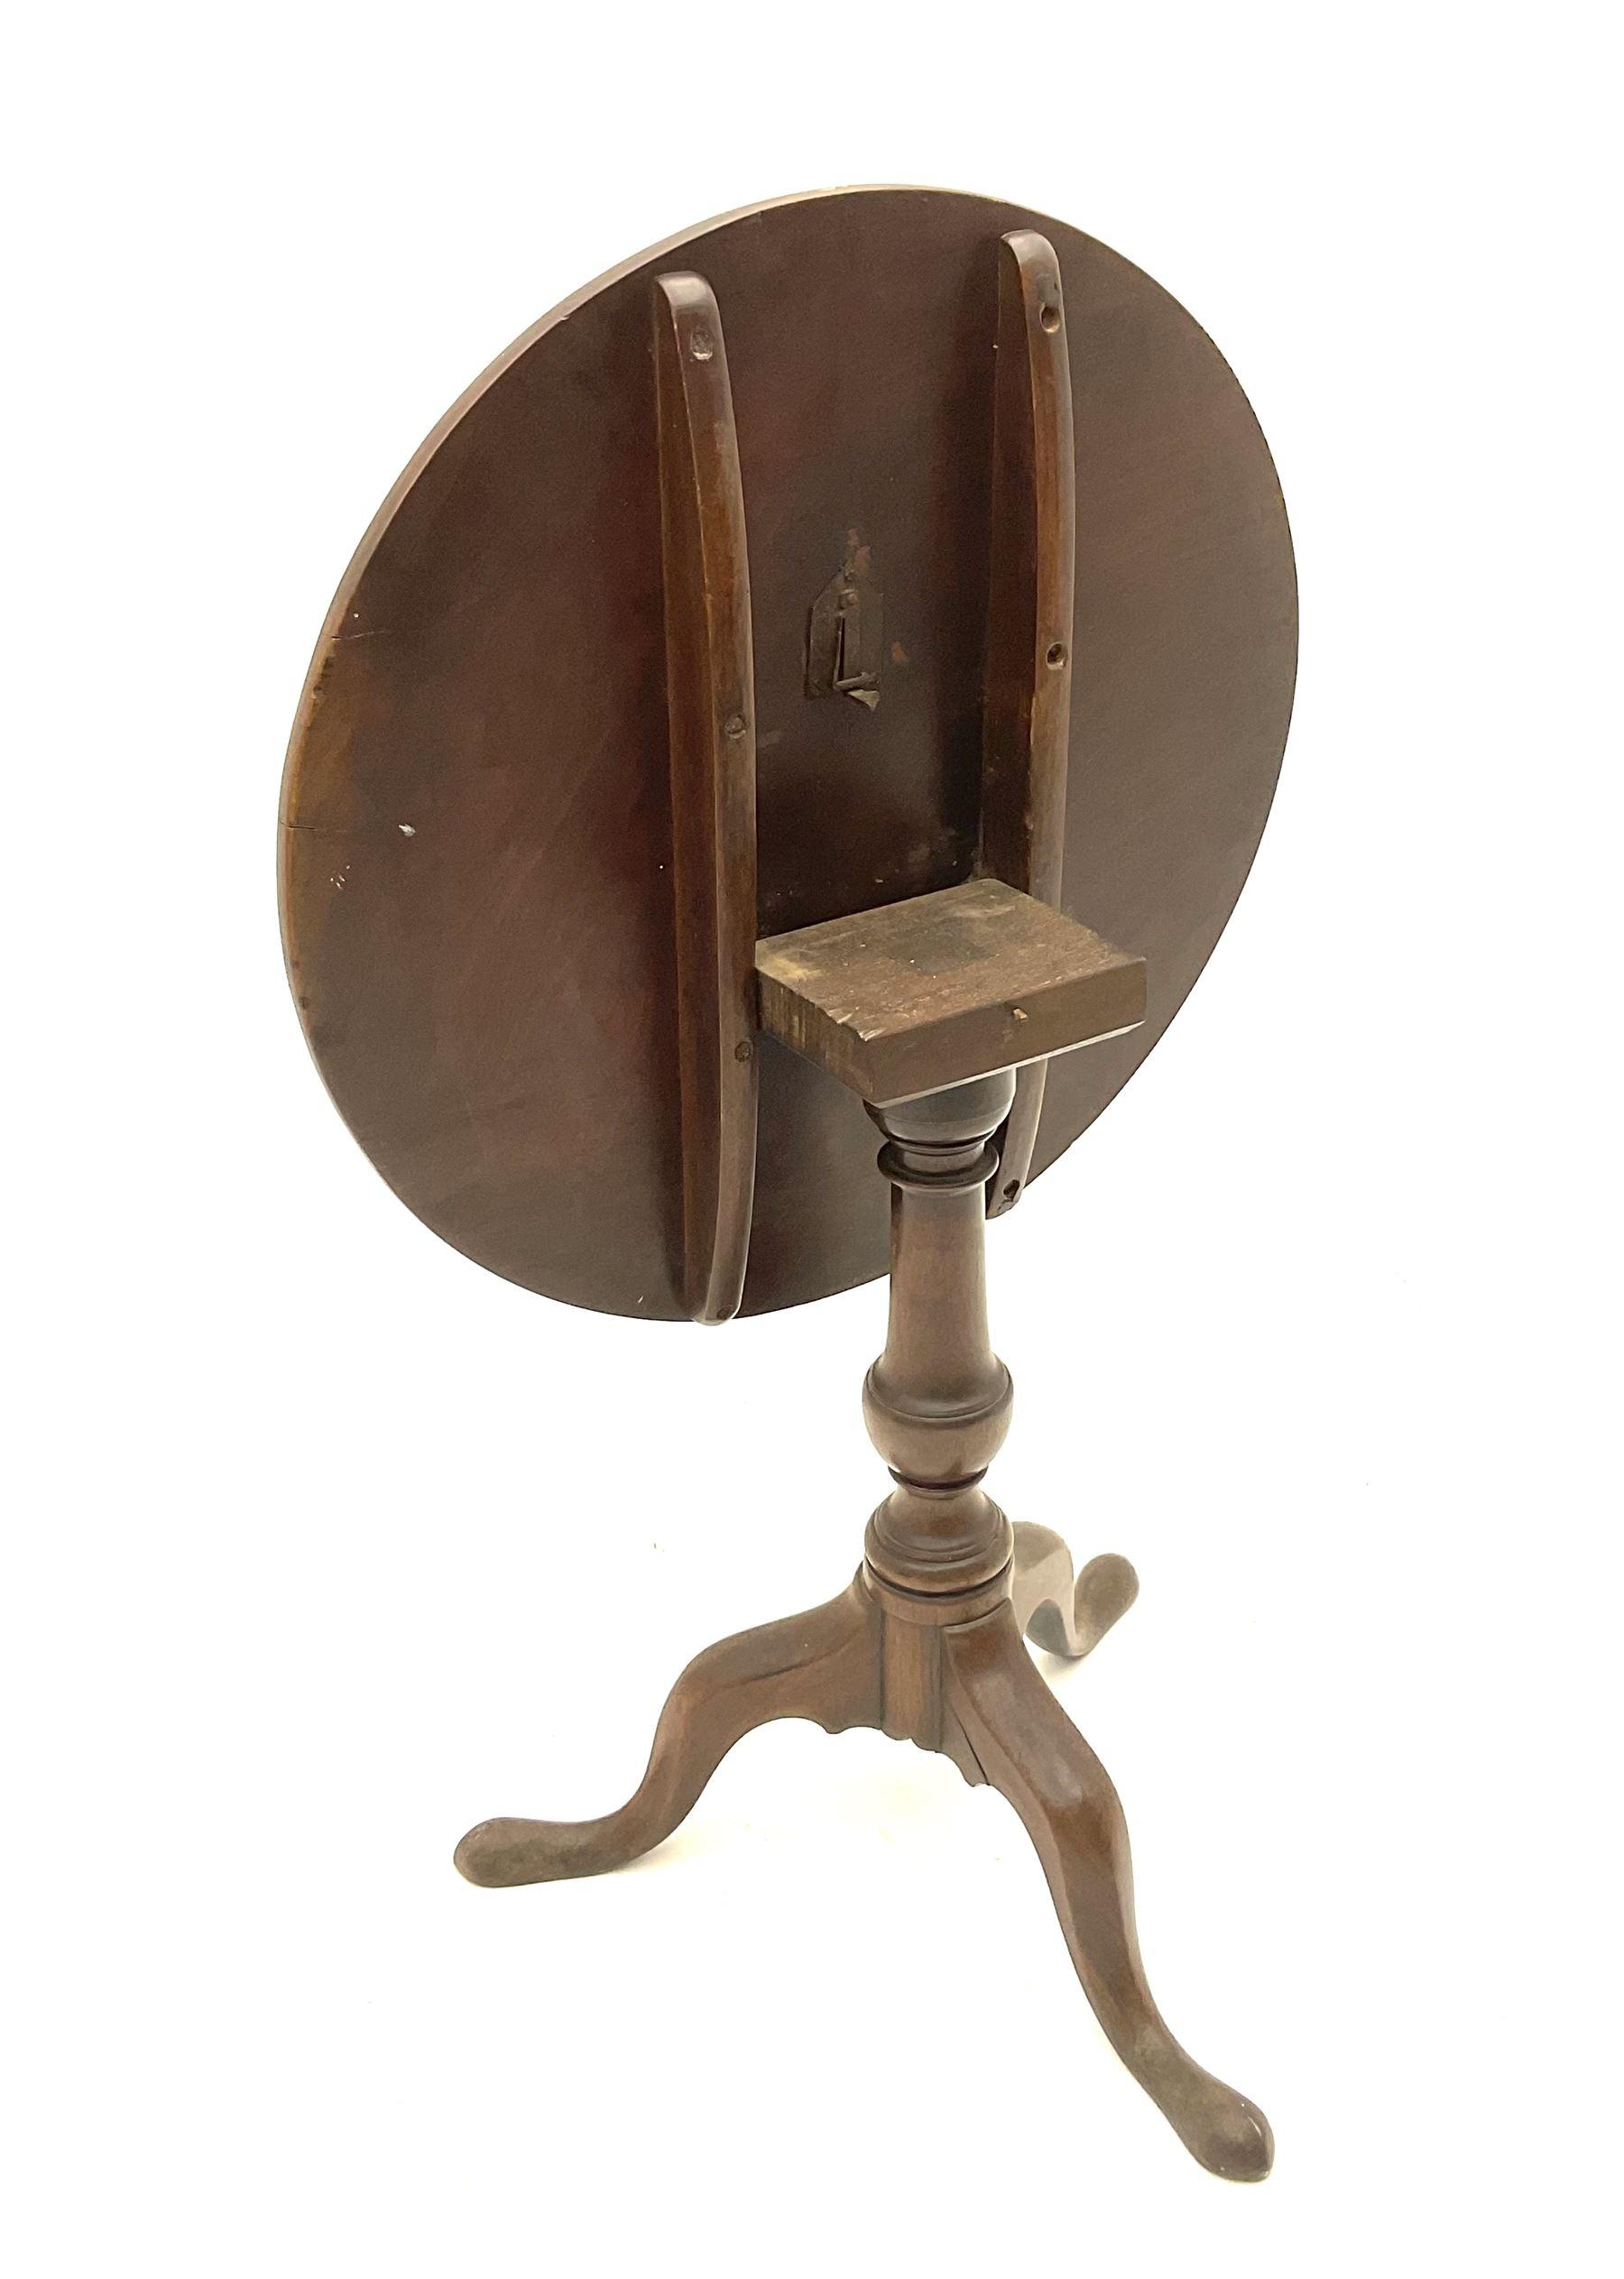 19th century mahogany tripod table - Image 3 of 3